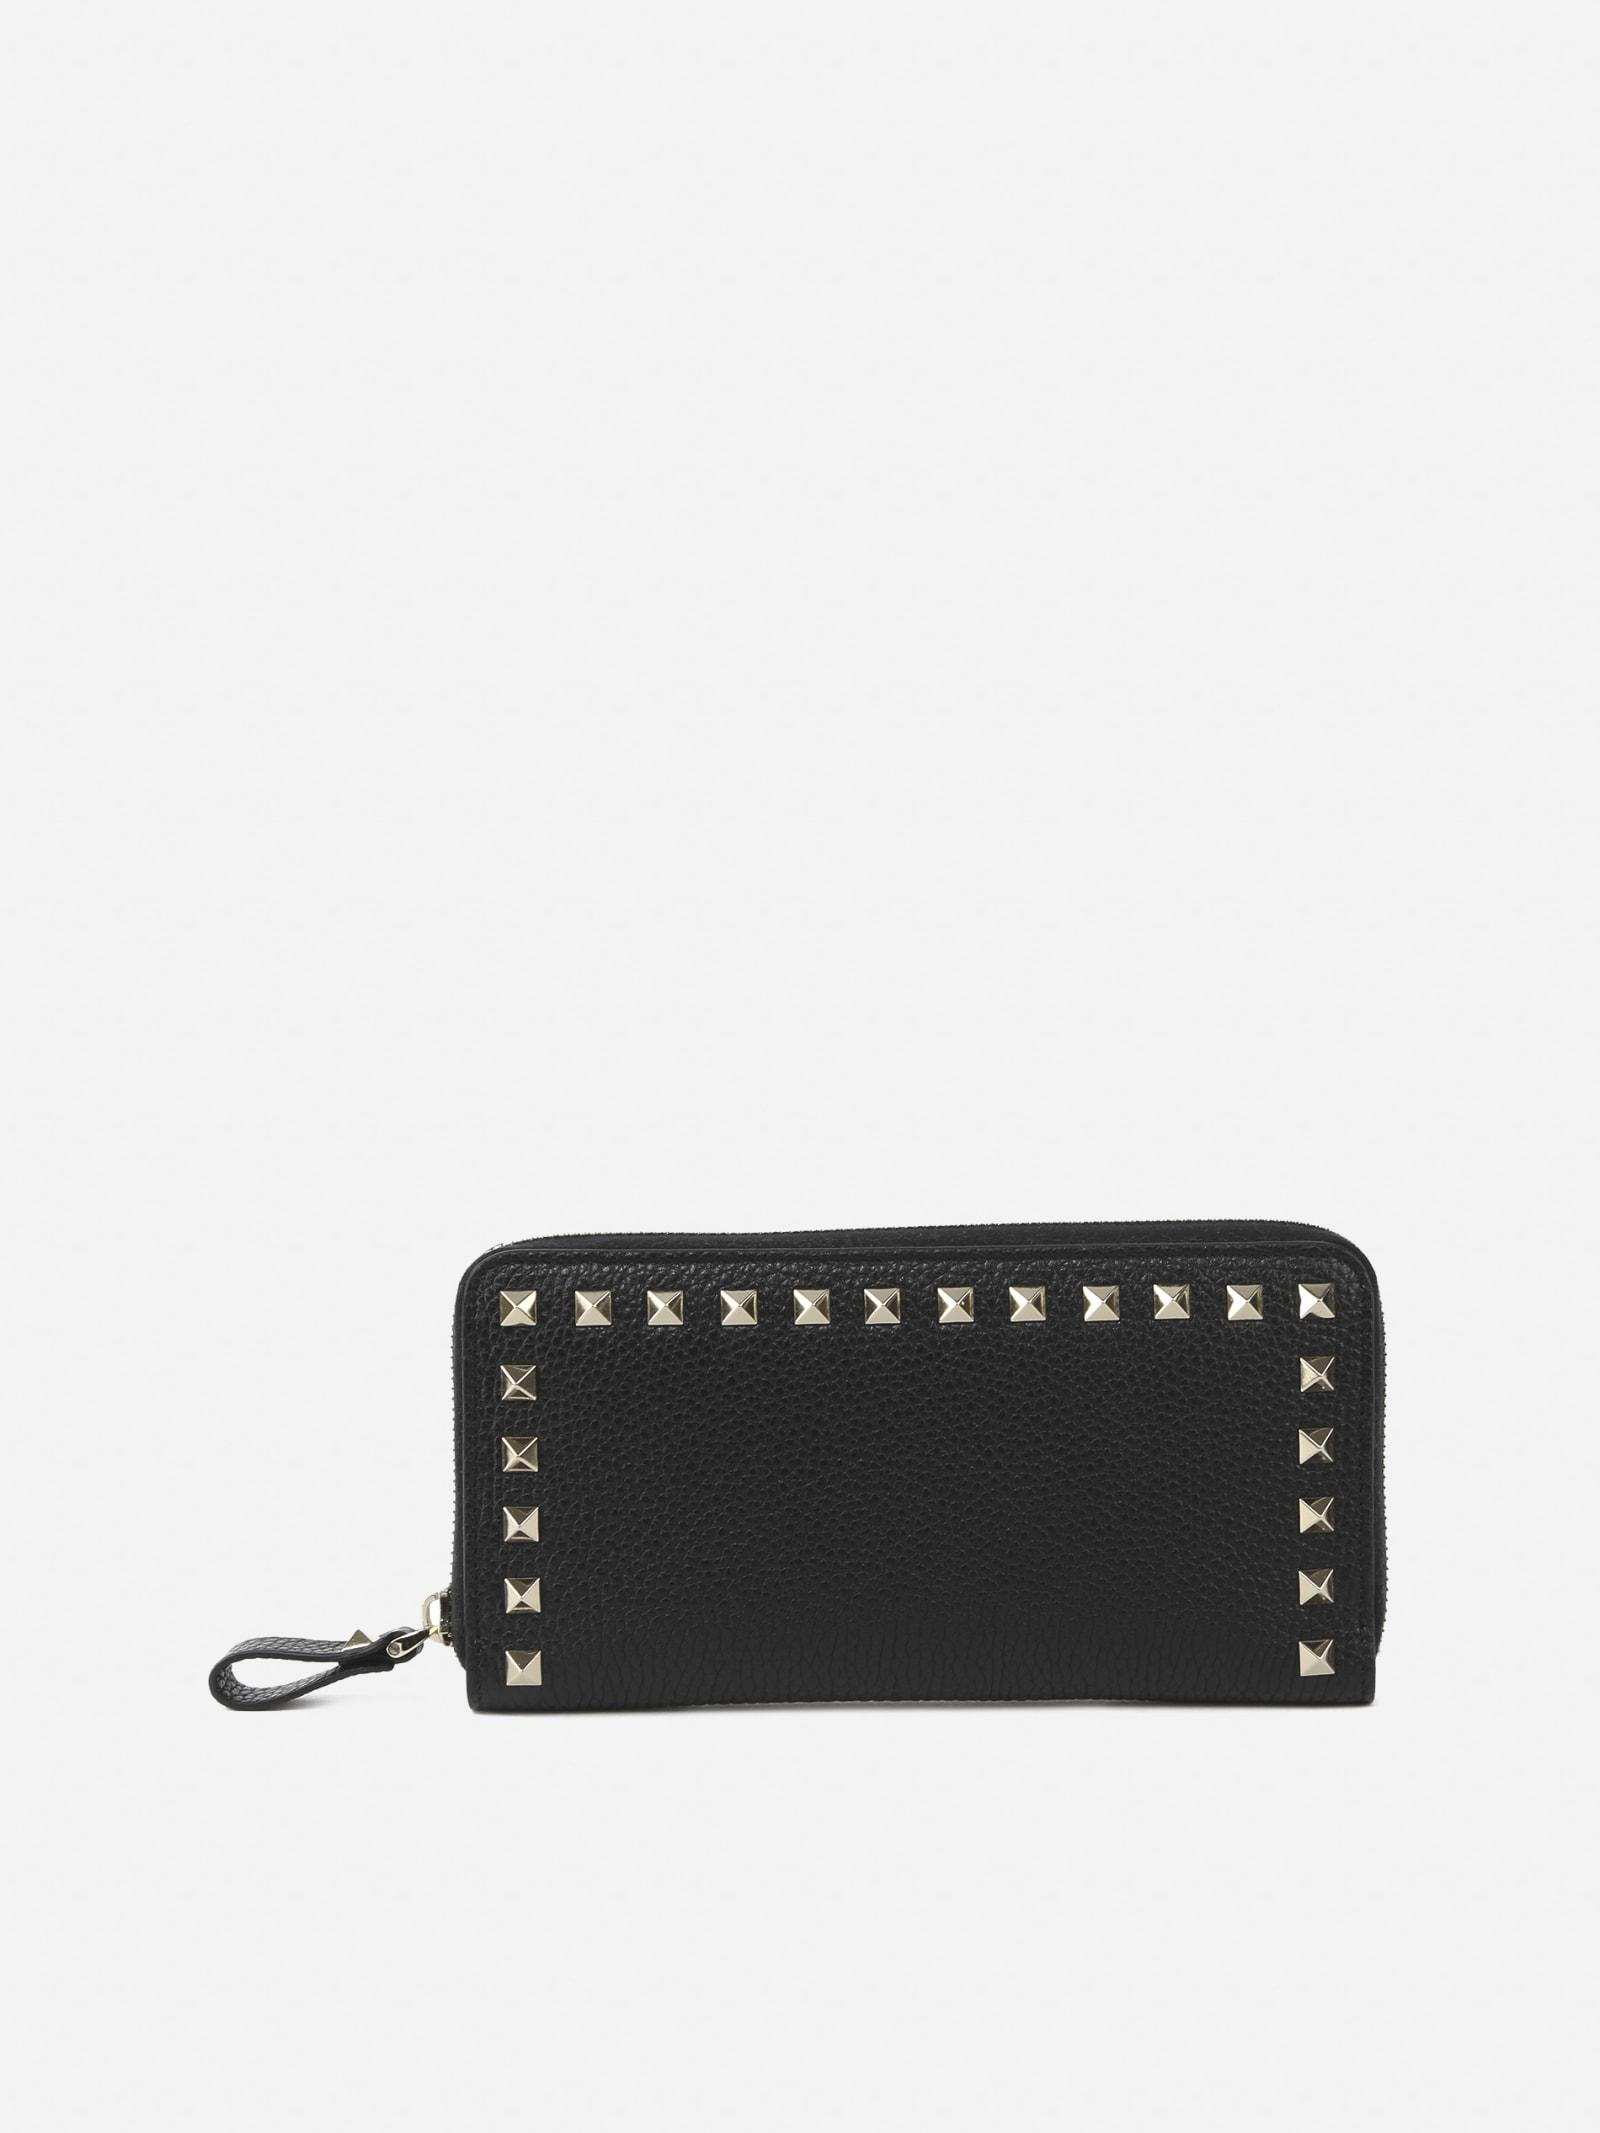 Valentino Garavani Rockstud Large Leather Wallet